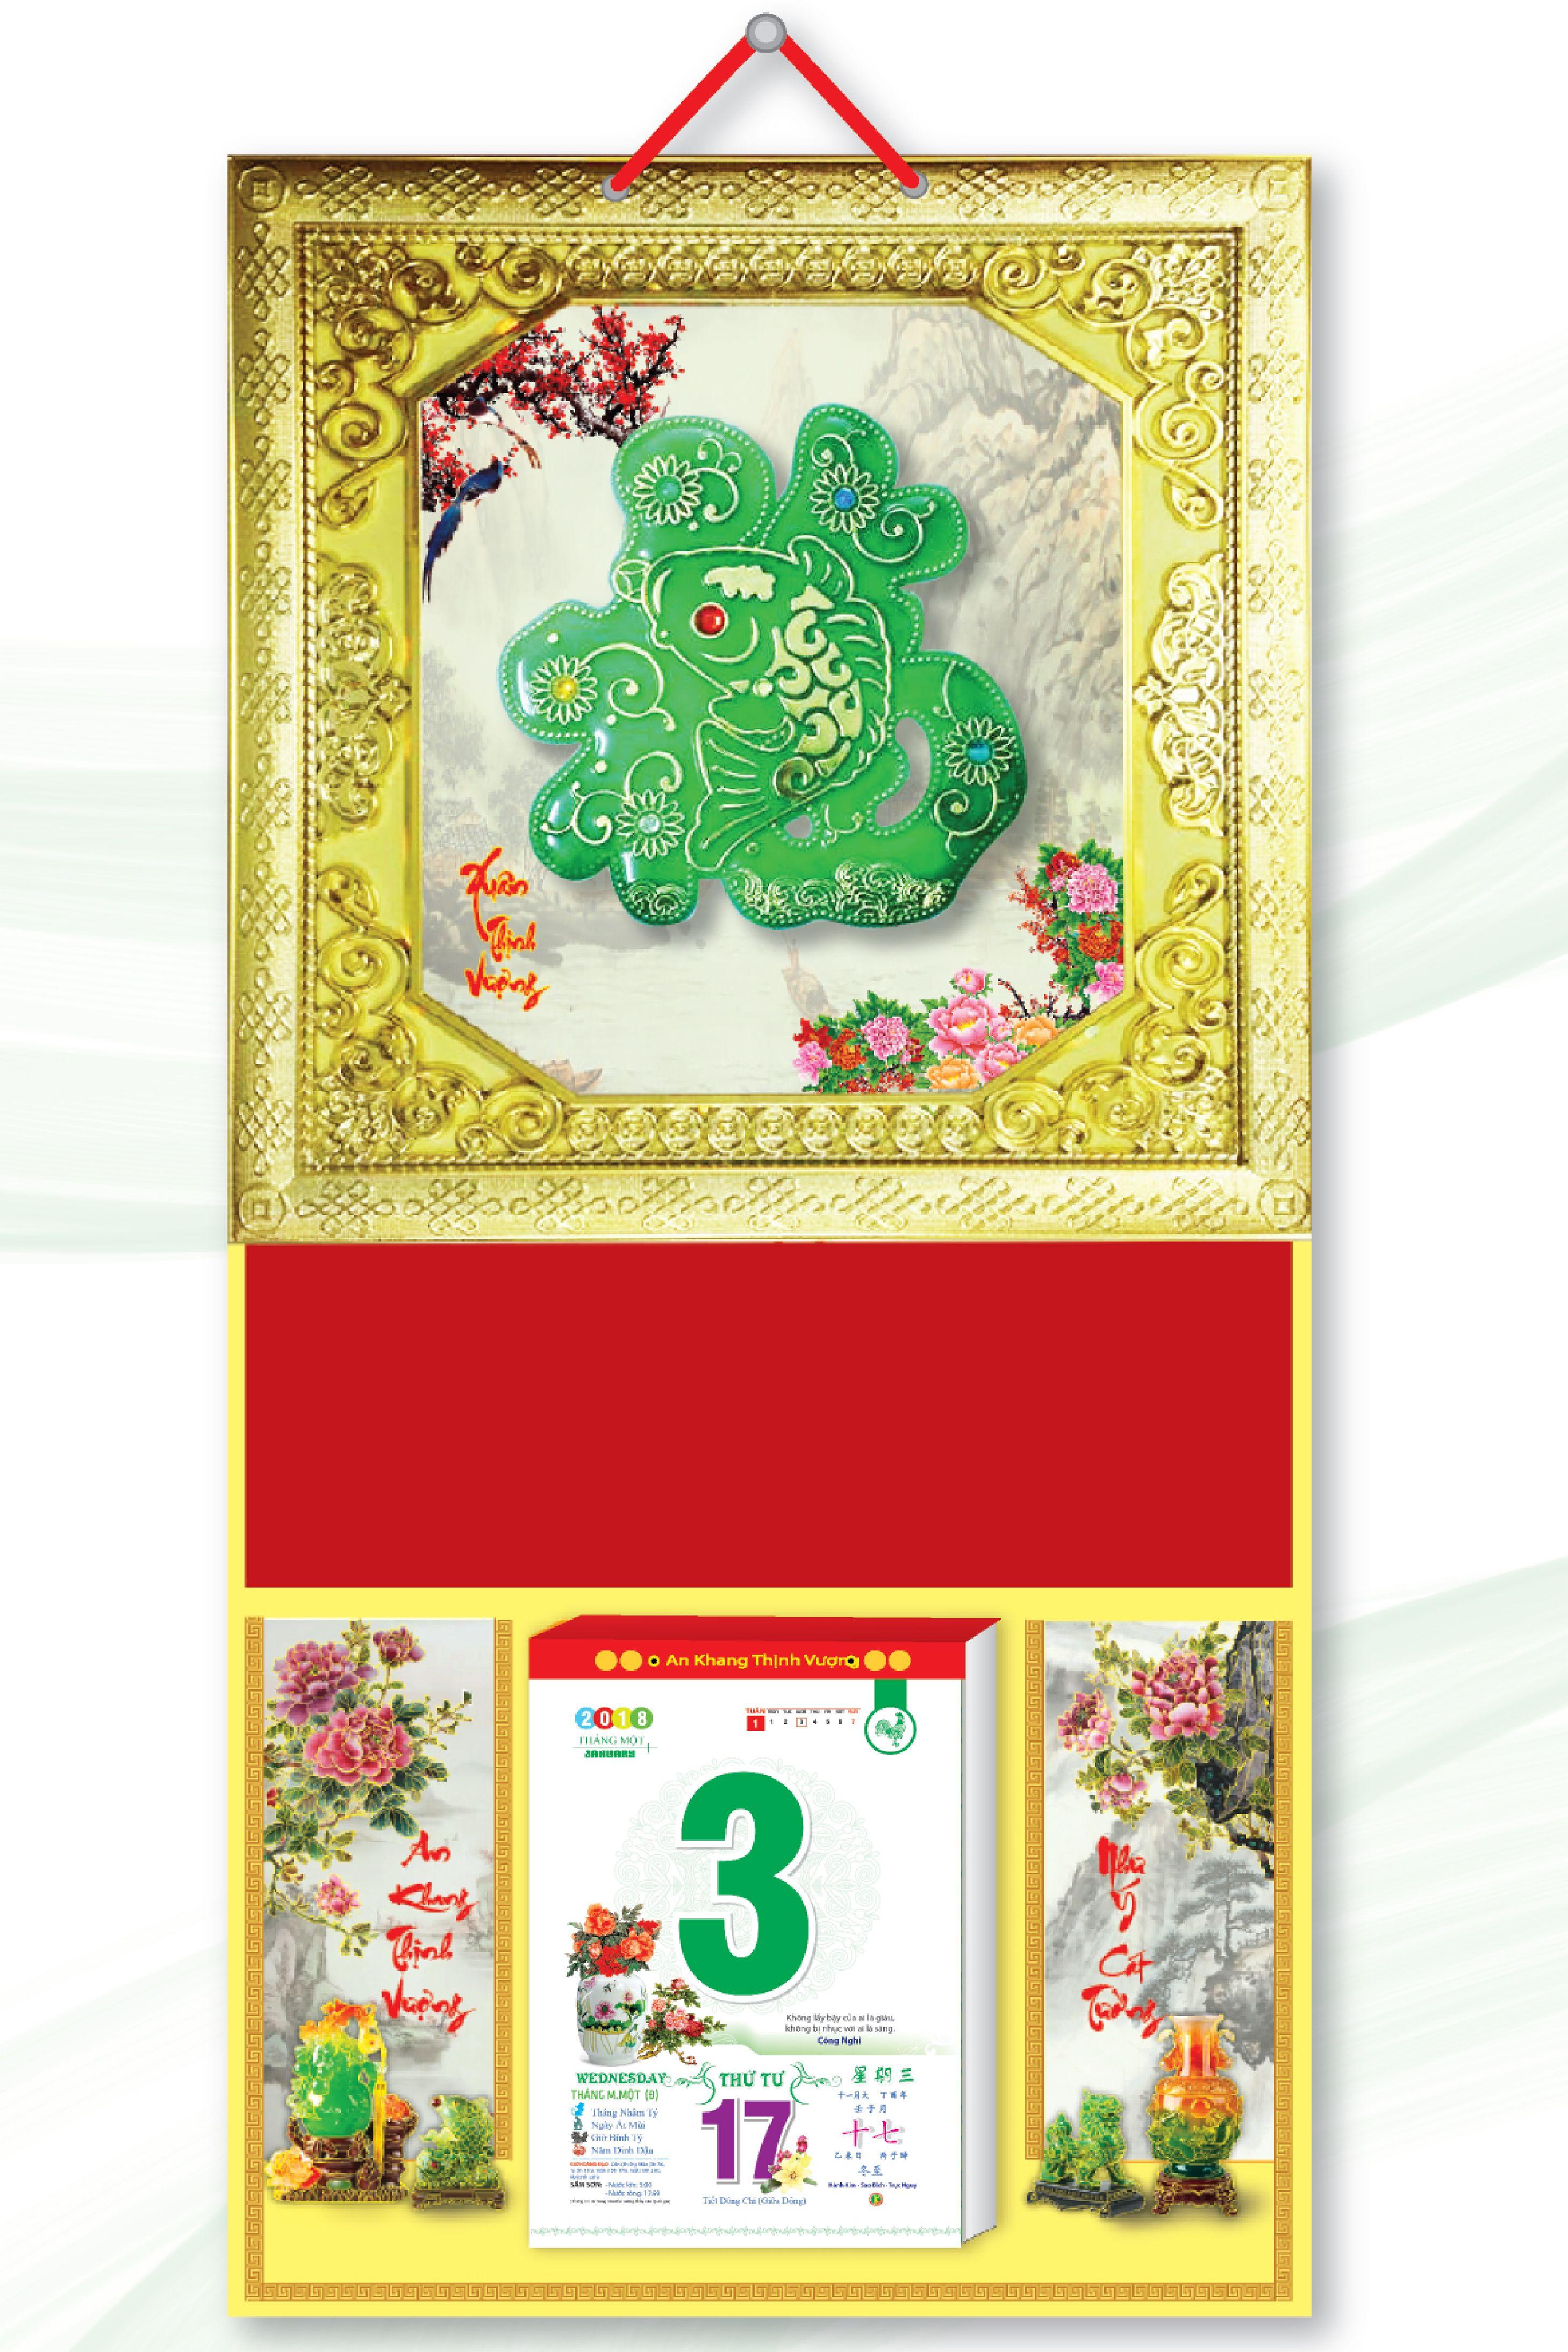 KV68 - Bìa Treo Lịch 2018 Metalize Ép Kim Cao Cấp 7 Màu (35 x 70cm) - Khung vàng, Dán Chữ Phước Cẩm Thạch - EBOOK/PDF/PRC/EPUB